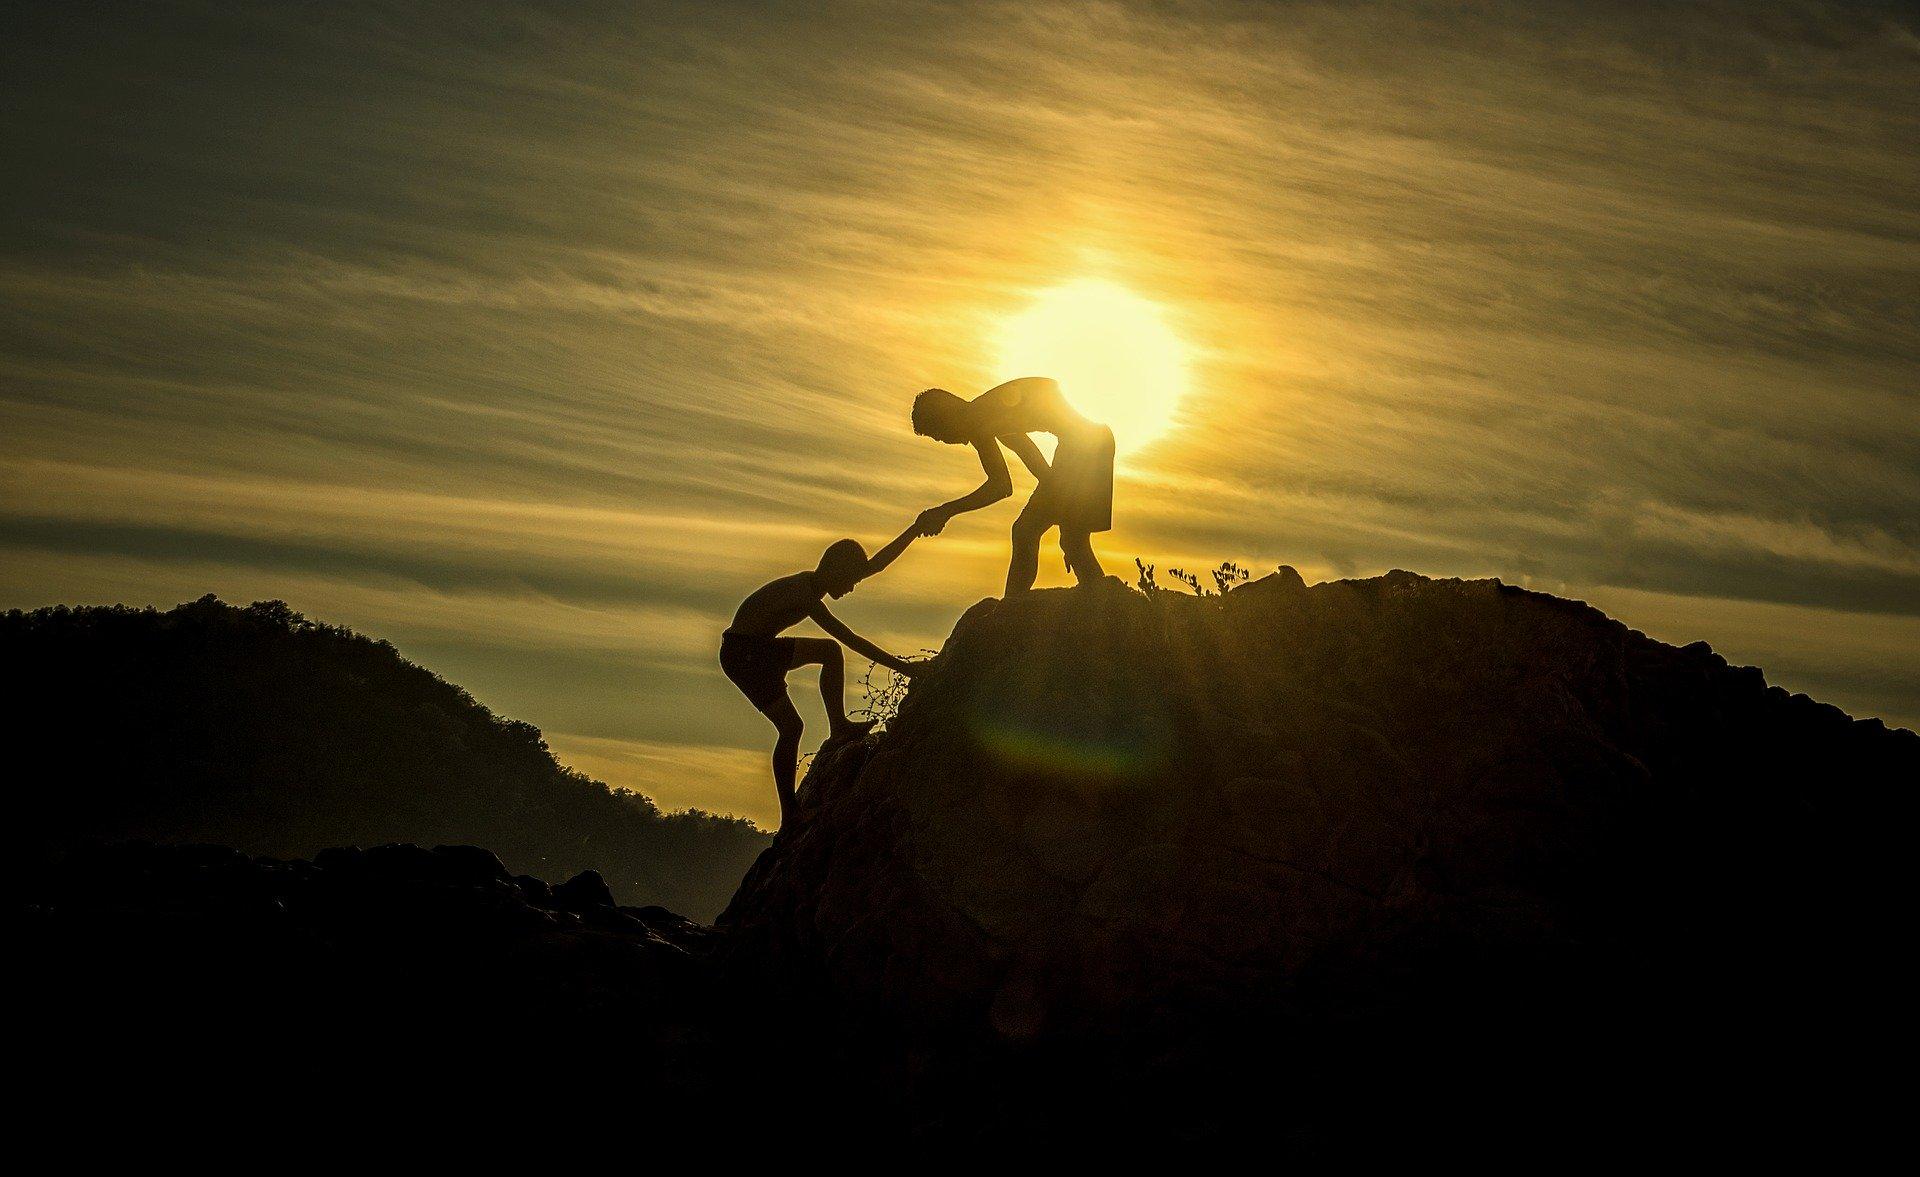 出戻り転職ではなく、今の会社や前の会社より良い会社に転職する方法